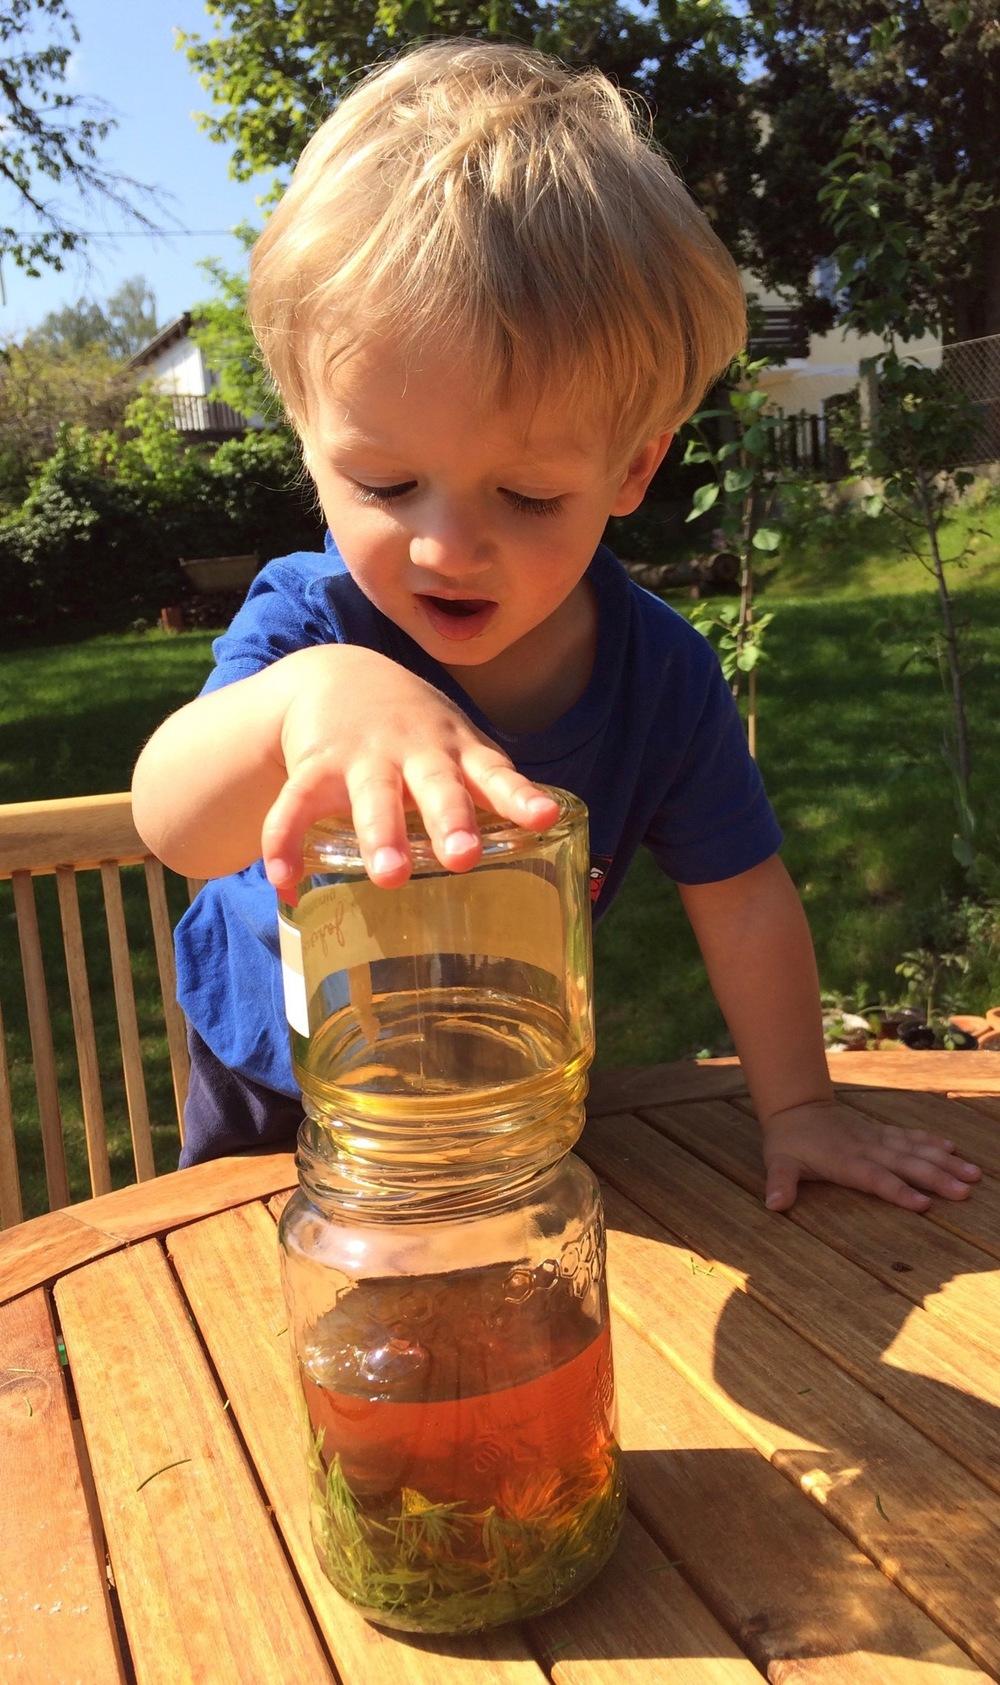 Die Qualität des Honigs spielt eine wichtige Rolle. Es loht sich daher einen Imker aus Leidenschaft aufzusuchen der seine Bienen schätzt und nicht ausbeutet. Wenn du dein Glas halbvoll mit Wipferl gefüllt hast, dann gib soviel Honig dazu bis es voll ist.